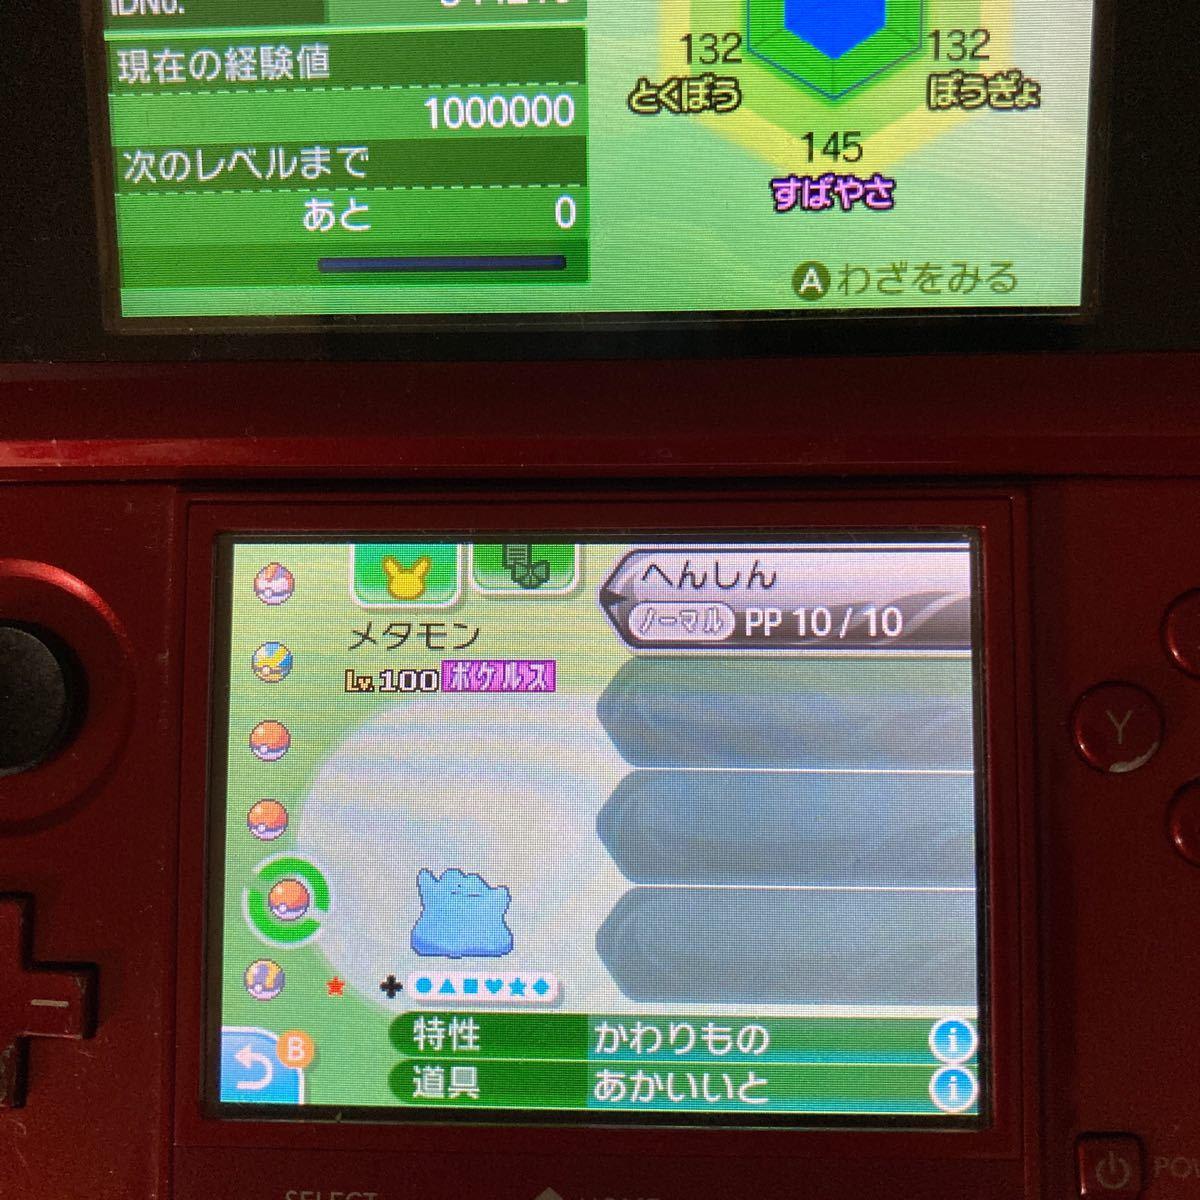 値下げ ポケットモンスター サン、Y、ホワイトのセット 3DSソフト  ポケモン 6vメタモン ポケルス持ち